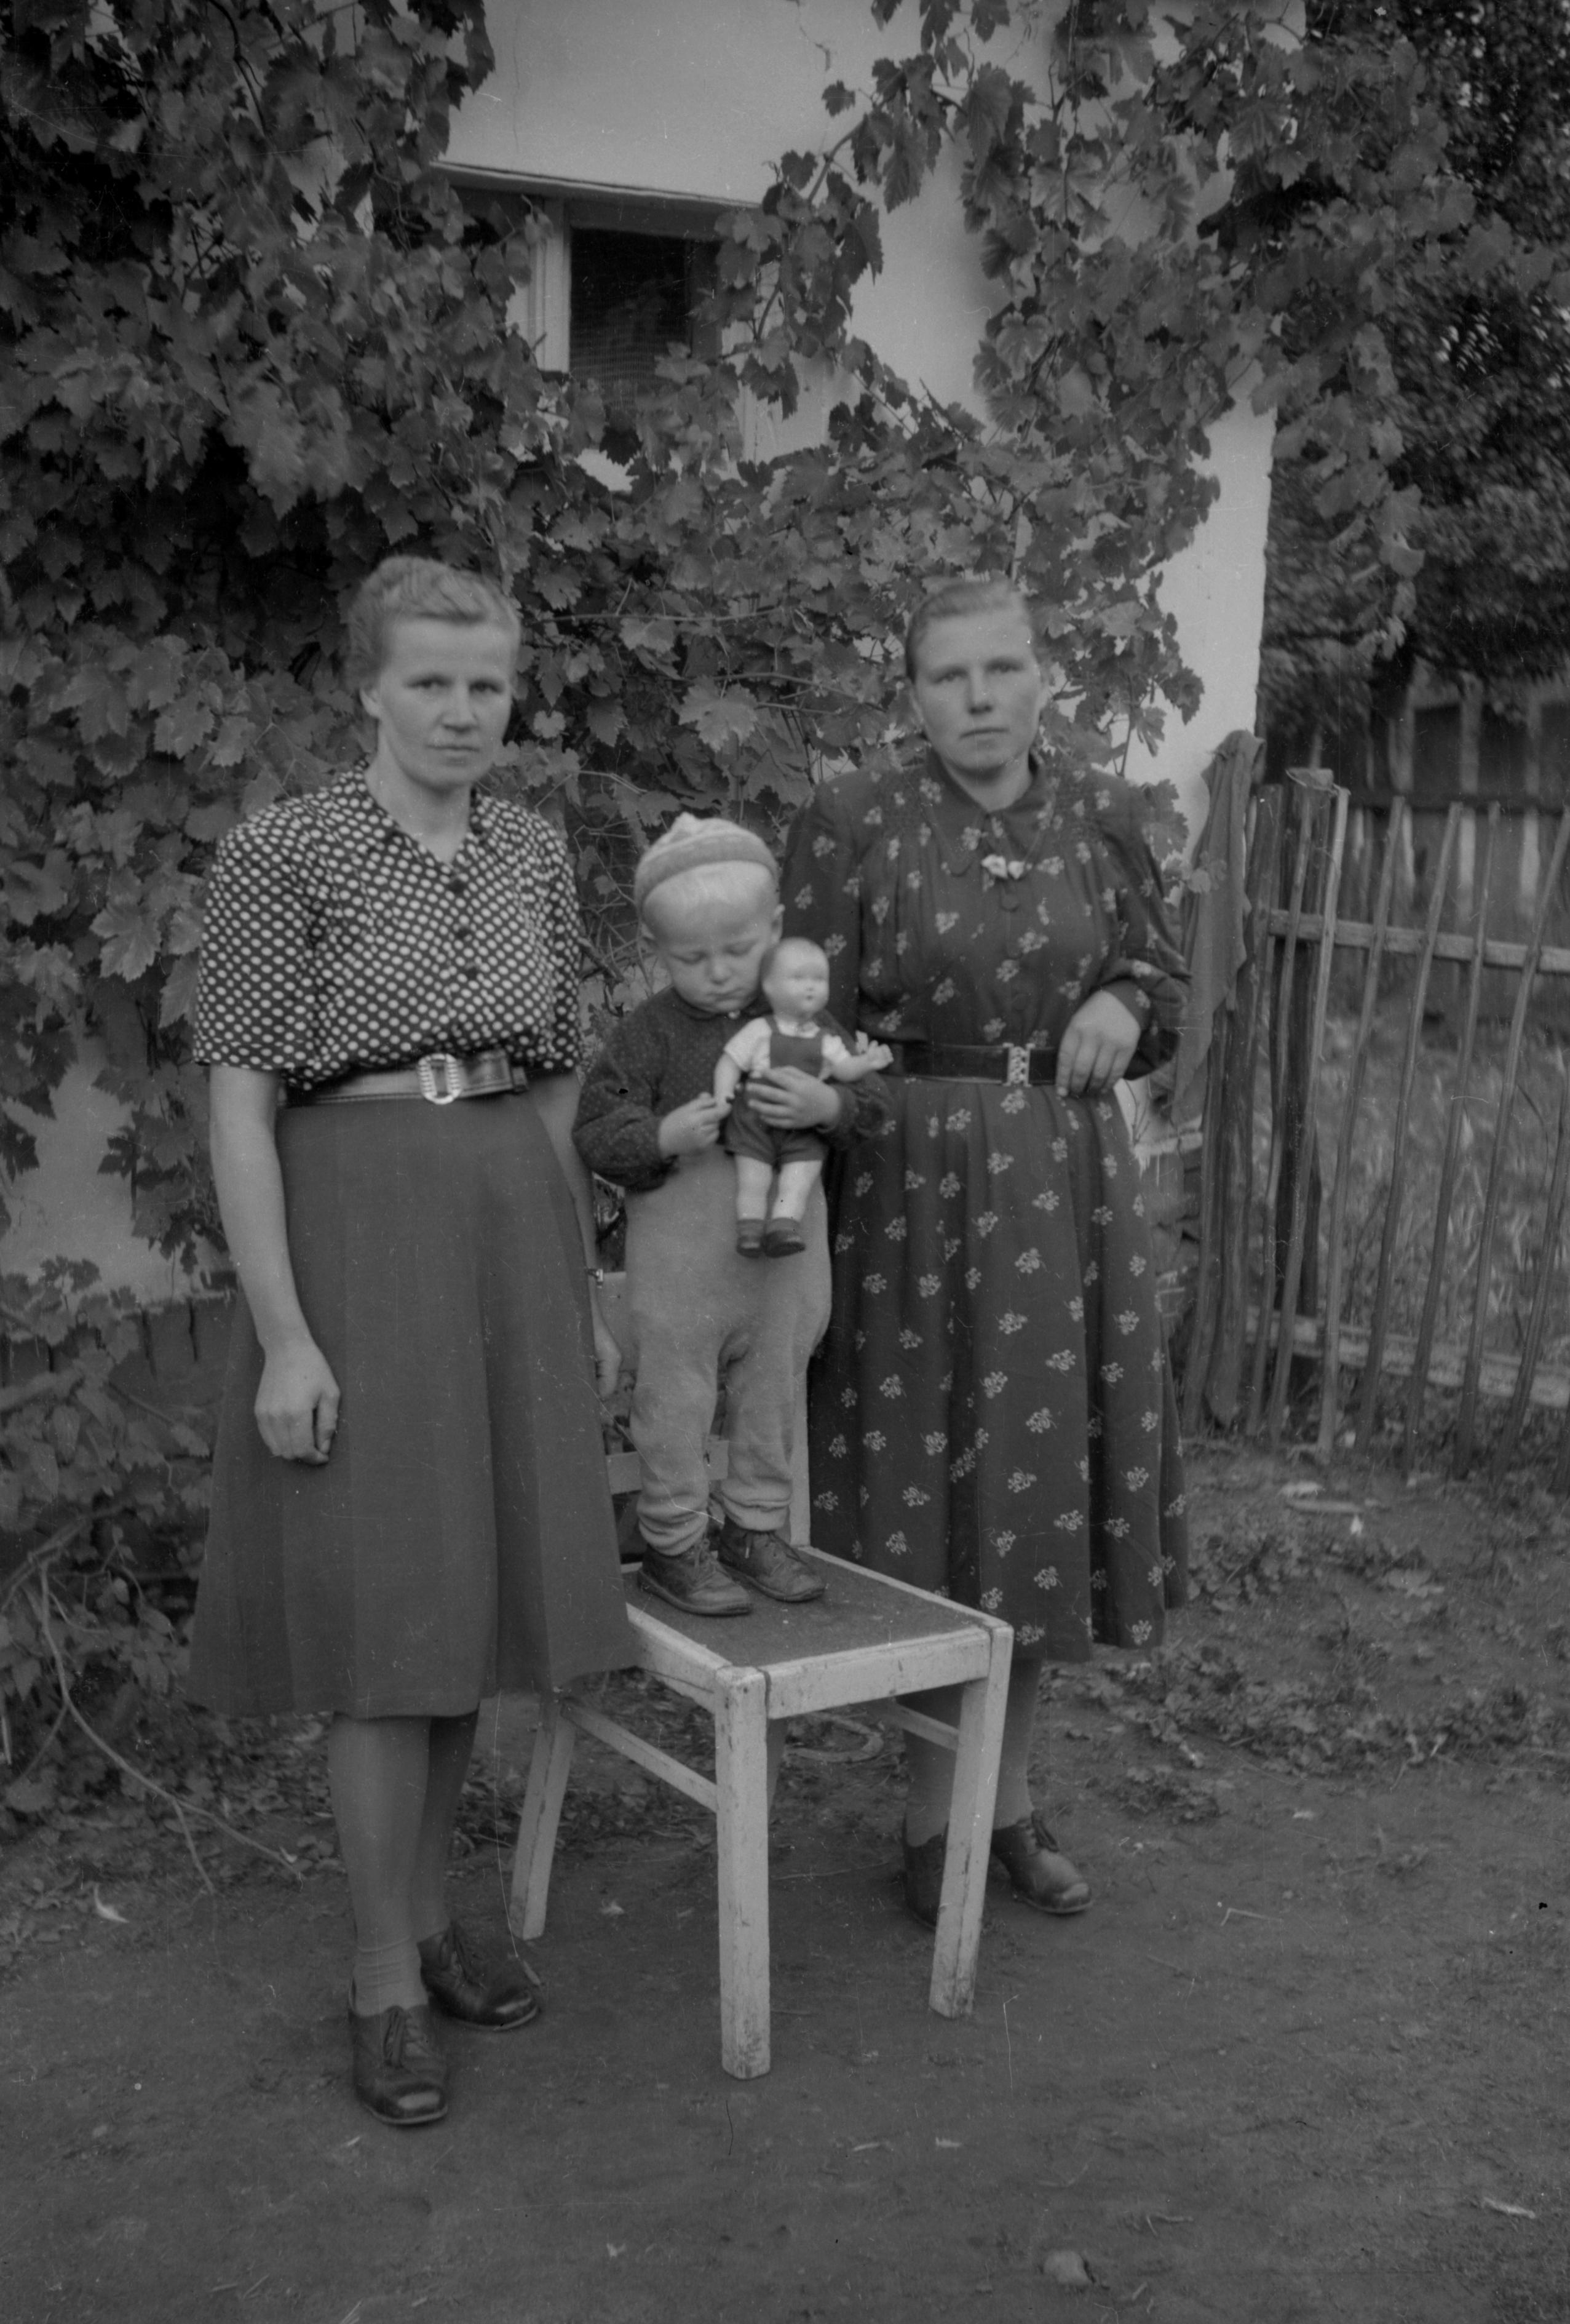 Dwie kobiety z dzieckiem na krześle, Dolny Śląsk, 2. poł. XX w.